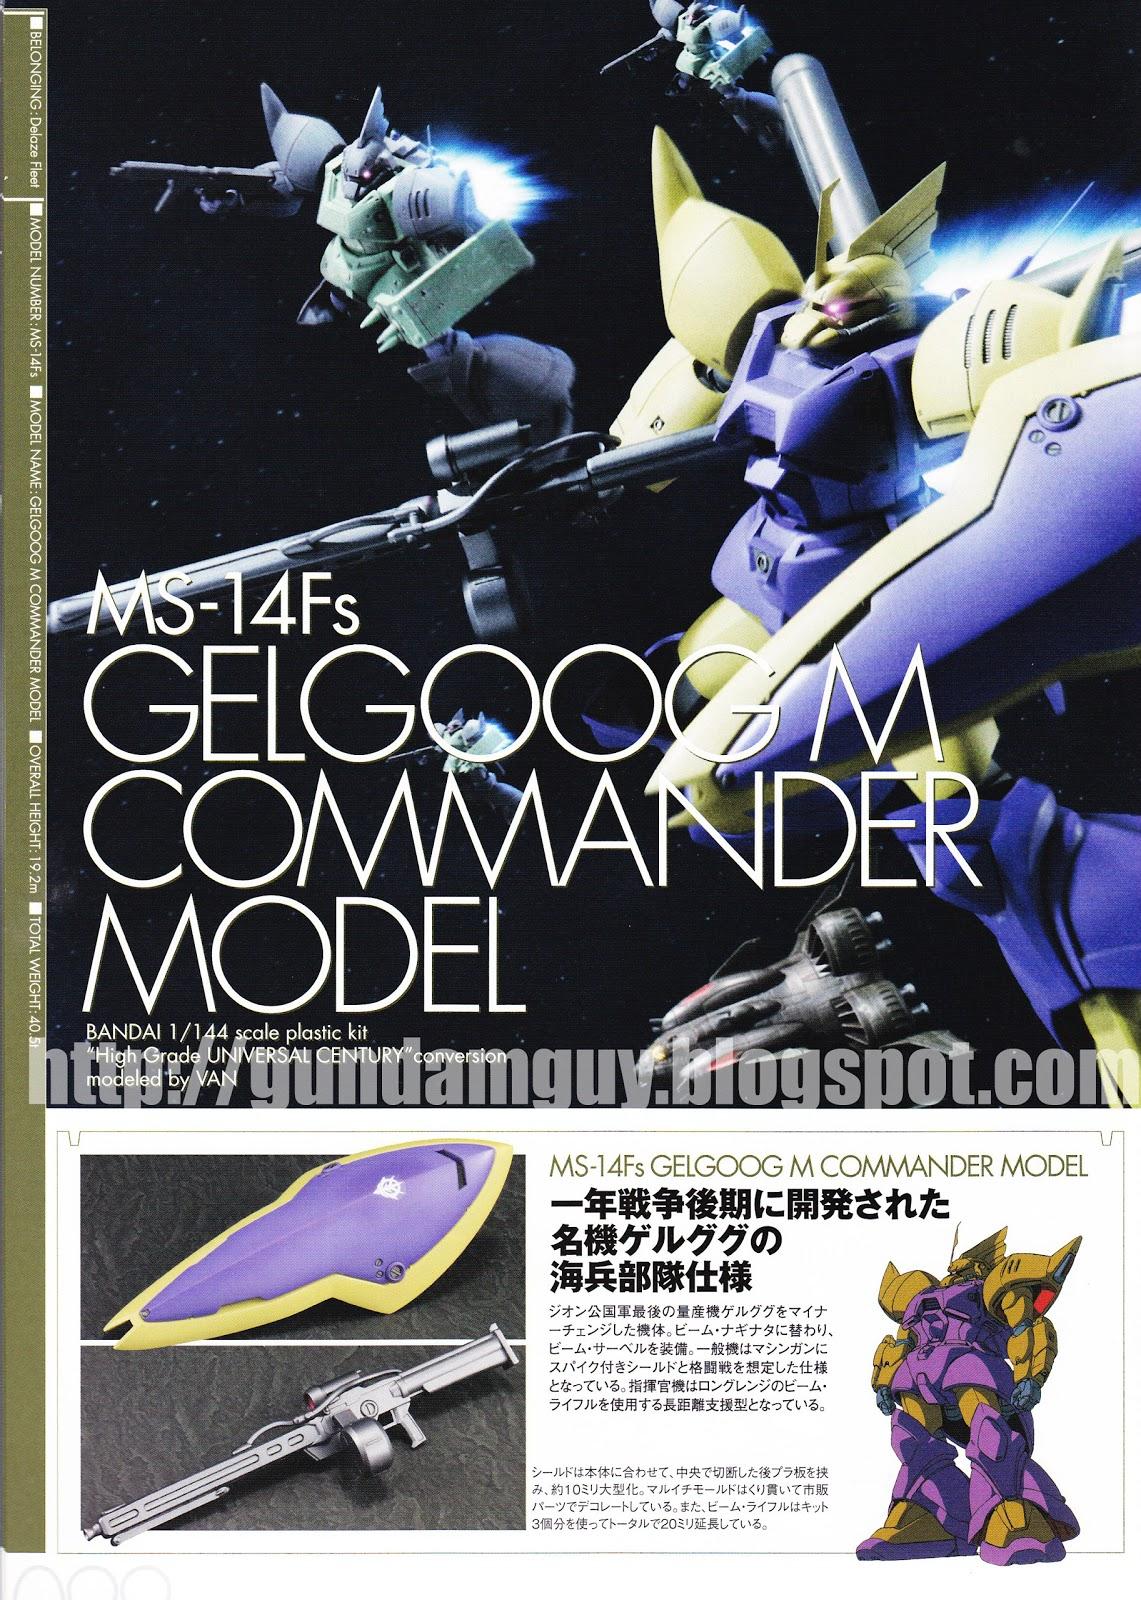 GUNDAM GUY: MG-14Fs Gelgoog M Commander Model - Mobile ...